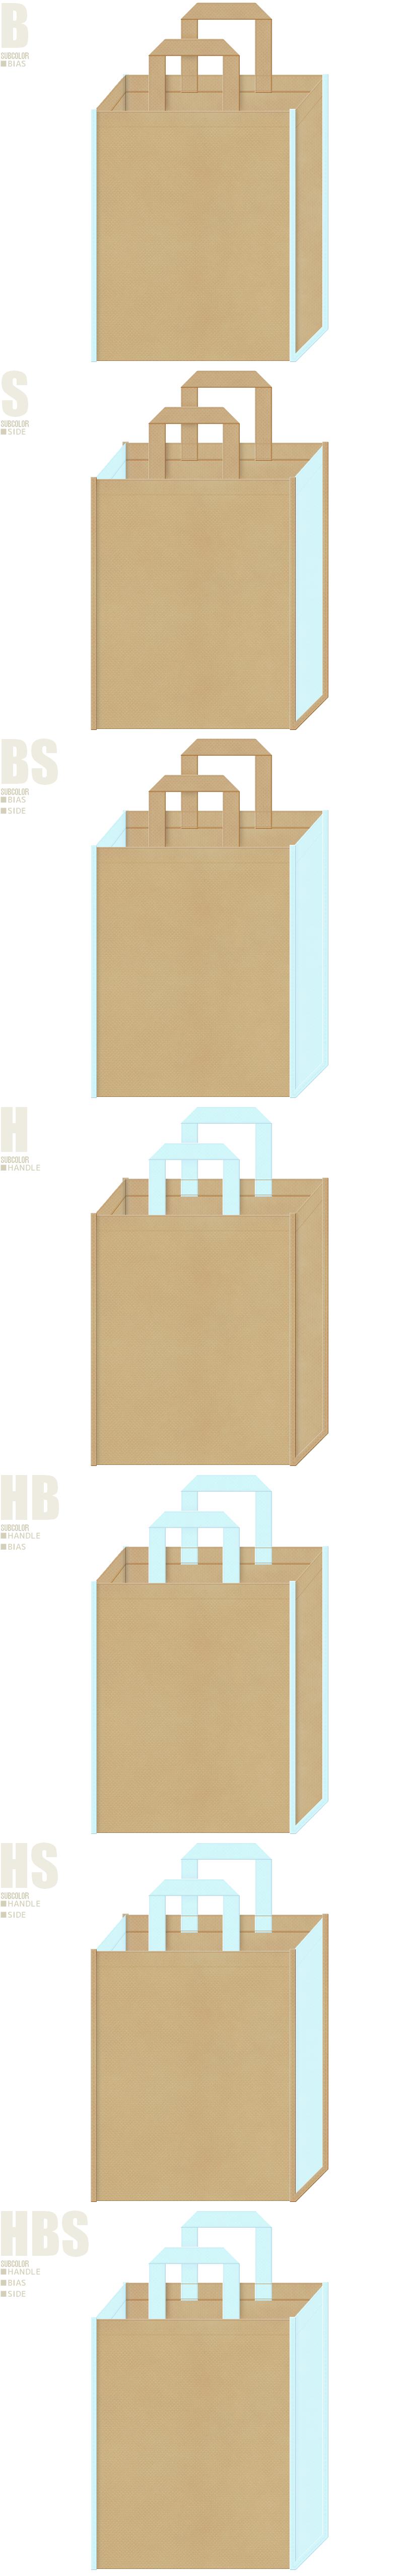 絵本・おとぎ話・手芸・ぬいぐるみ・ガーリーデザインの不織布バッグにお奨め:カーキ色と水色の配色7パターン